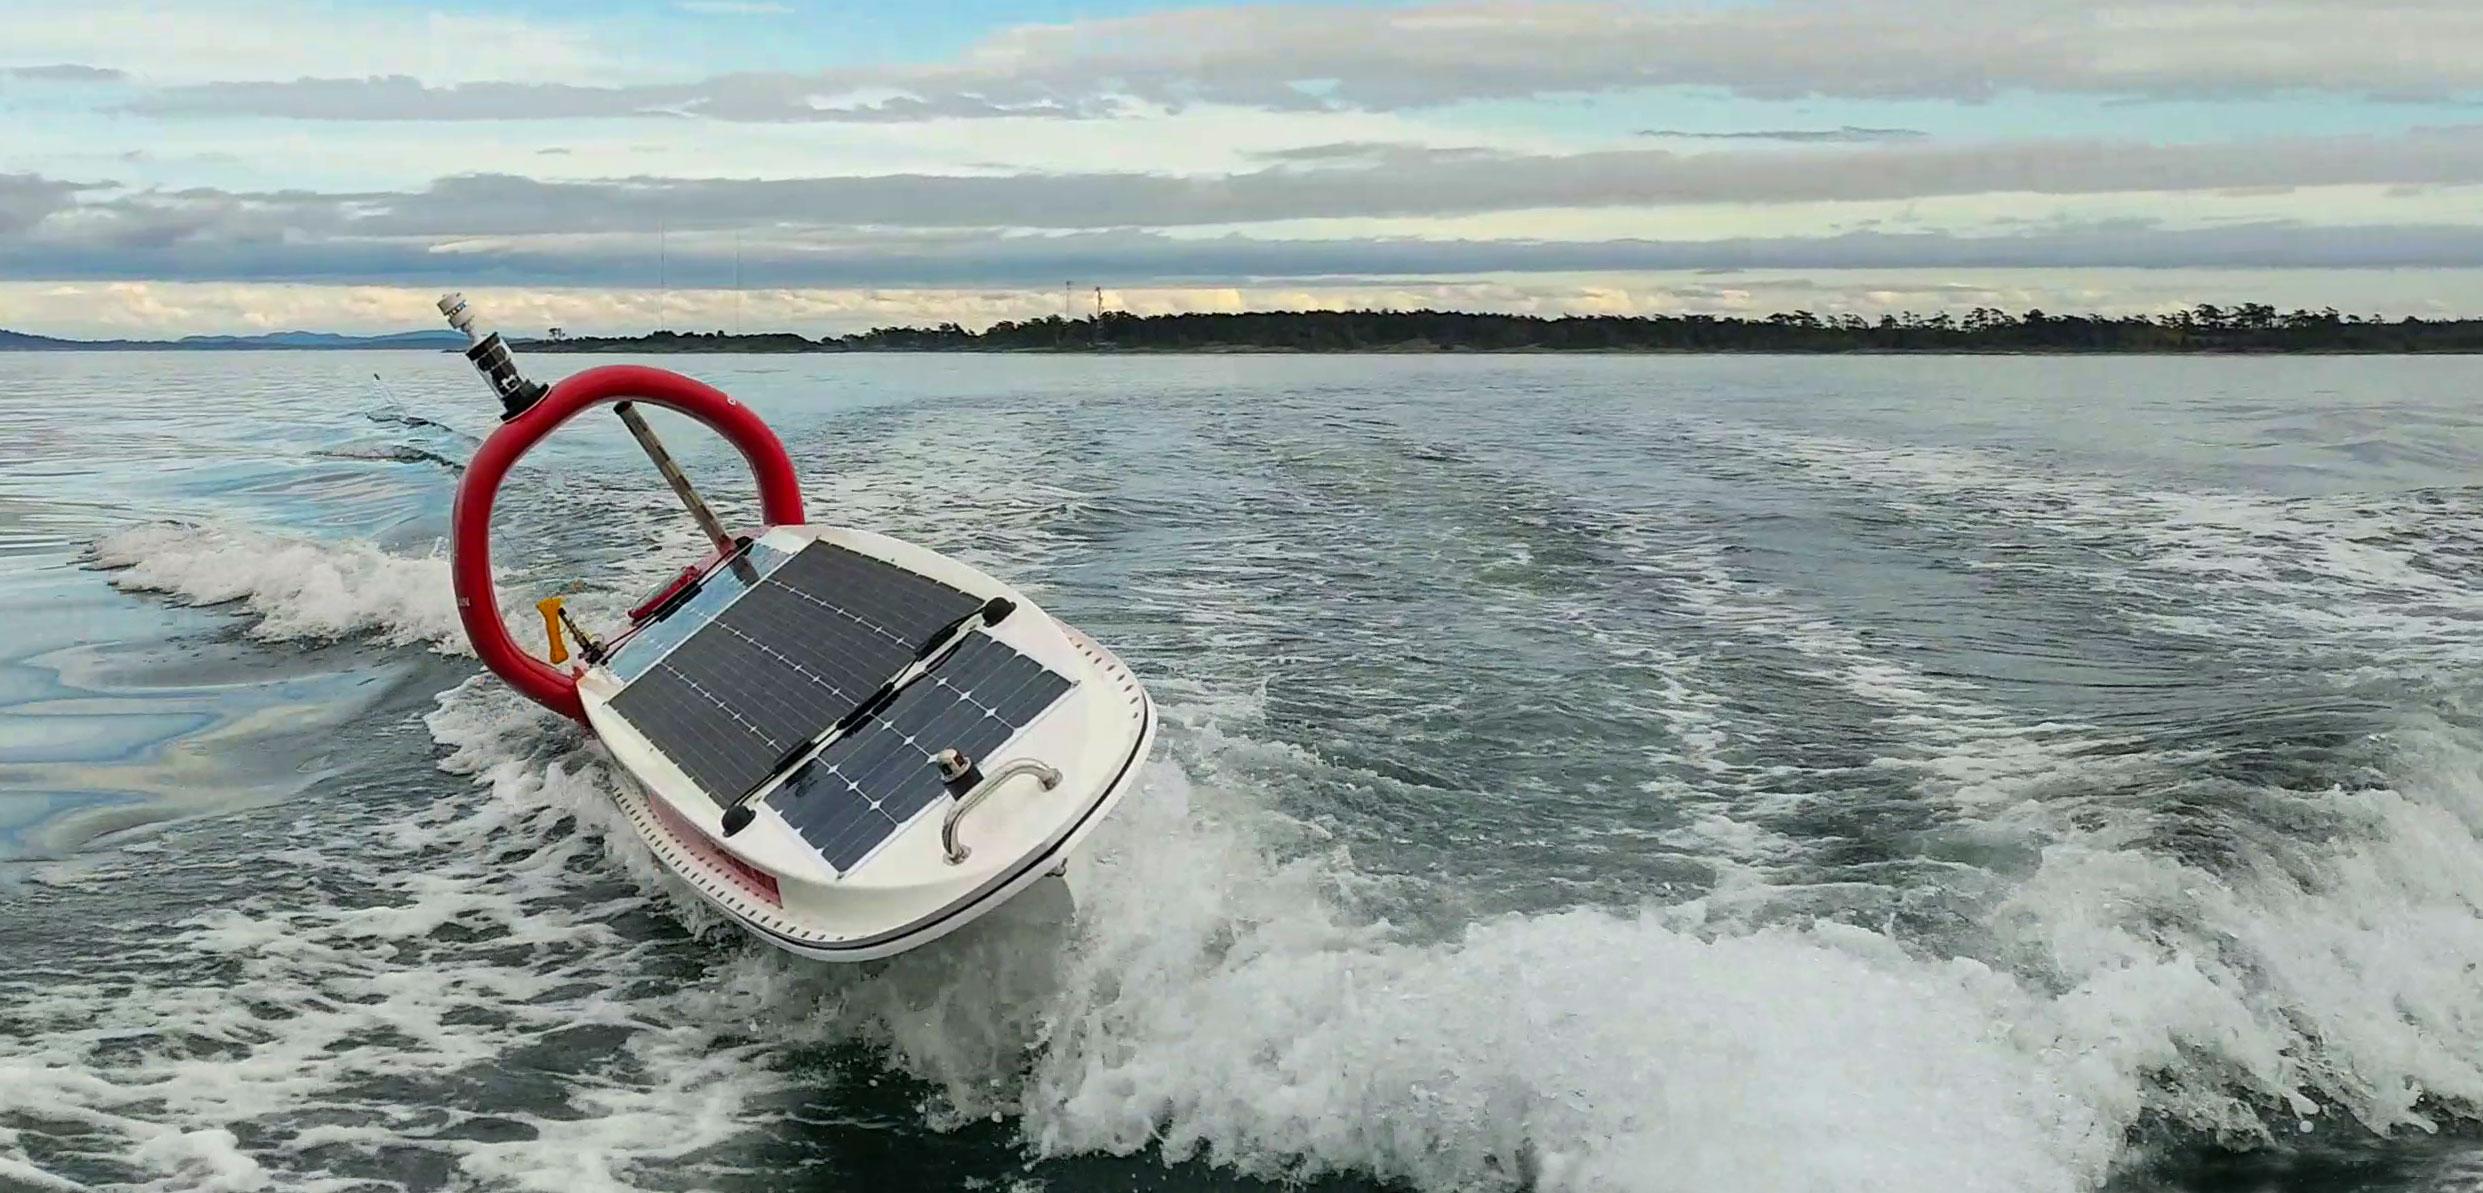 Daphne, an autonomous solar-powered vessel